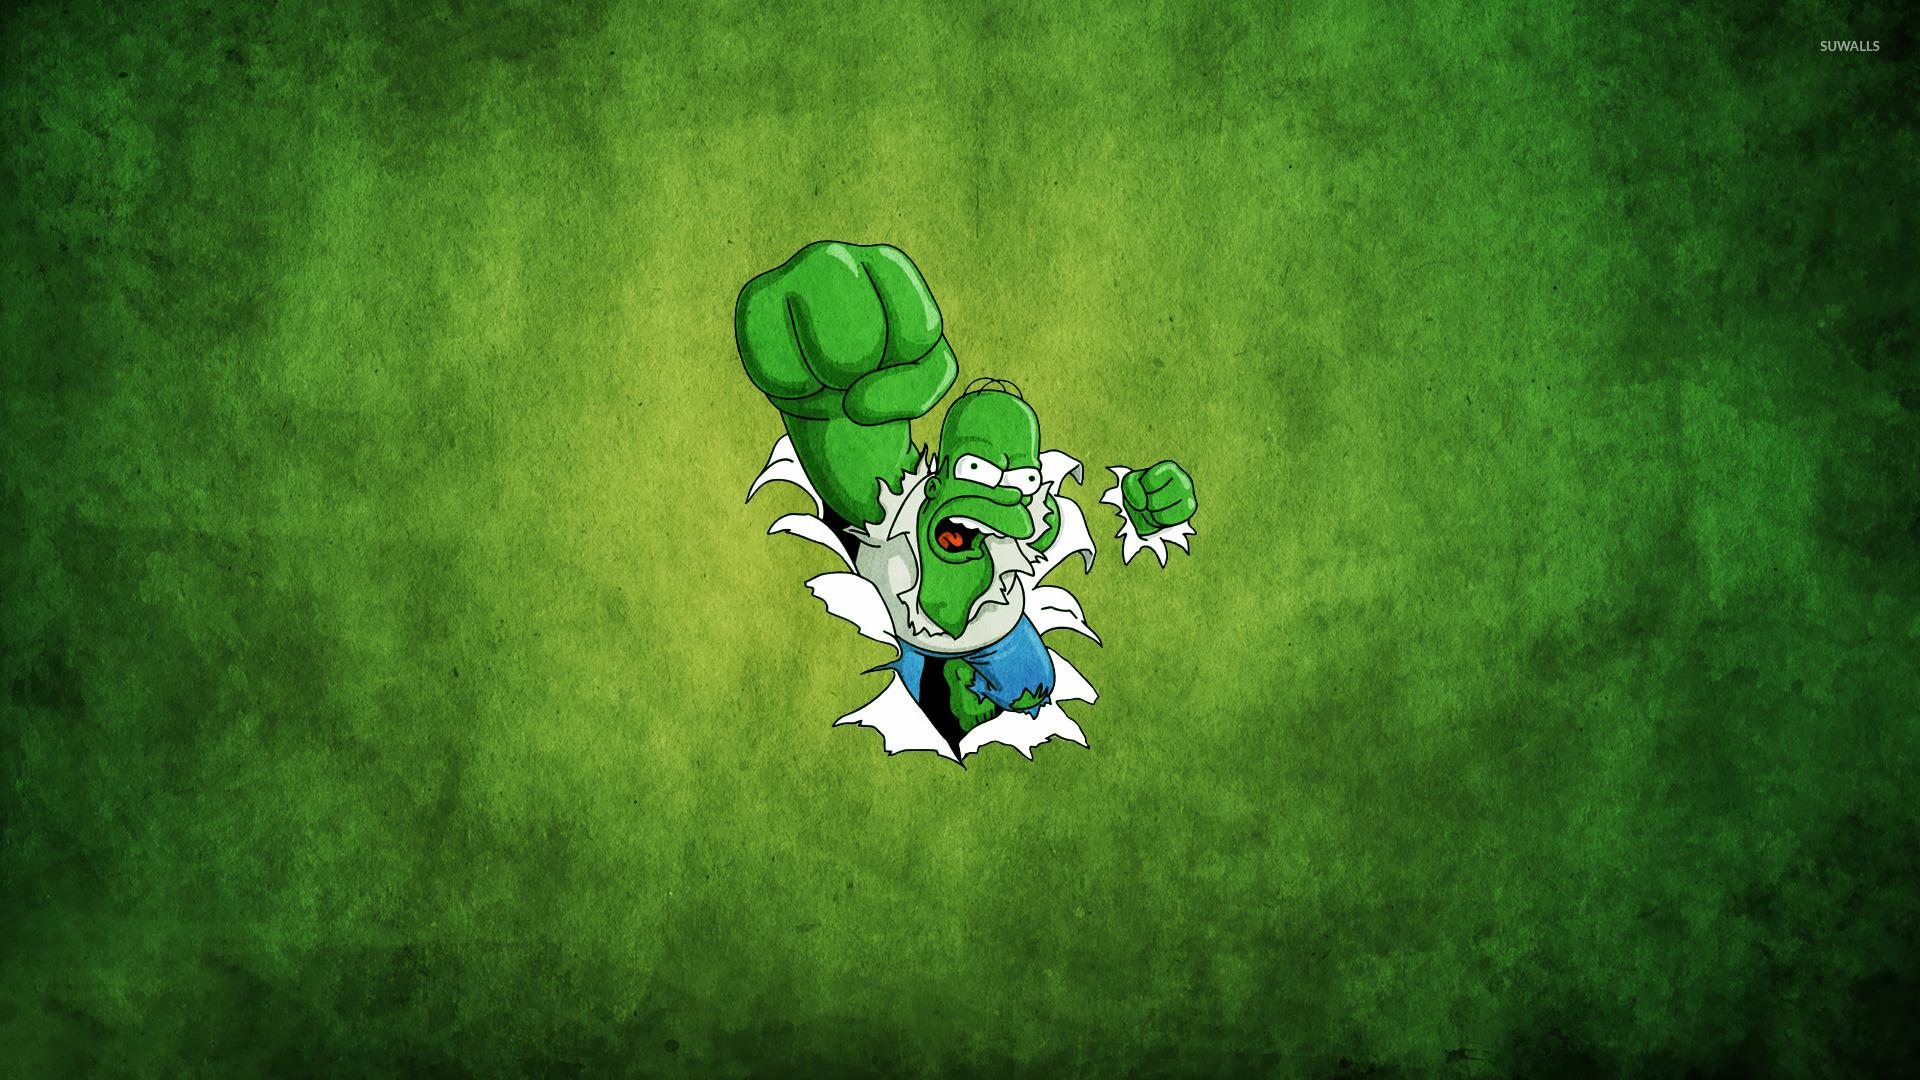 Hulk homer wallpaper cartoon wallpapers 16835 hulk homer wallpaper voltagebd Choice Image